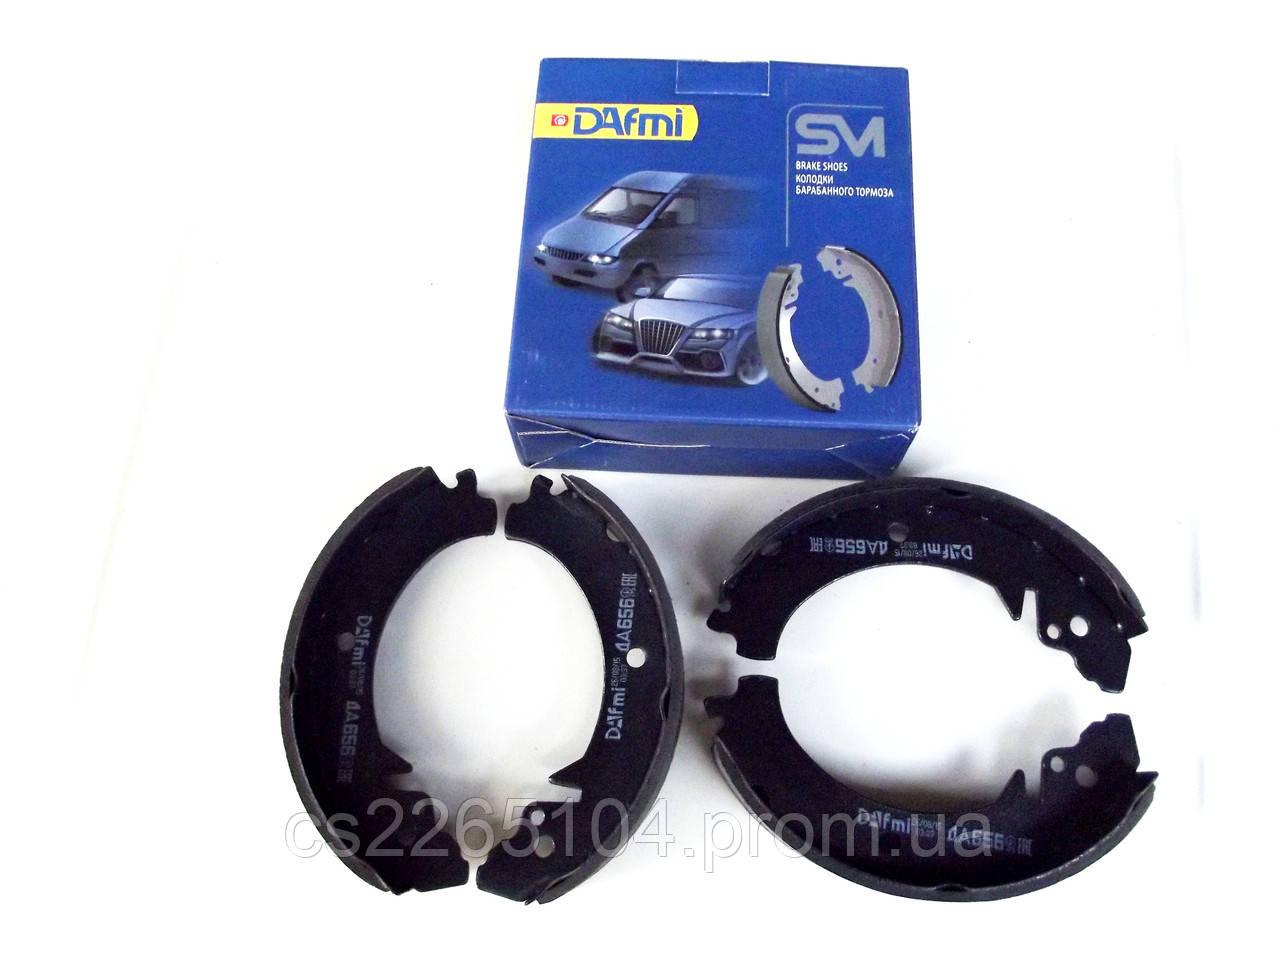 Тормозные колодки задние ВАЗ 2101 Dafmi